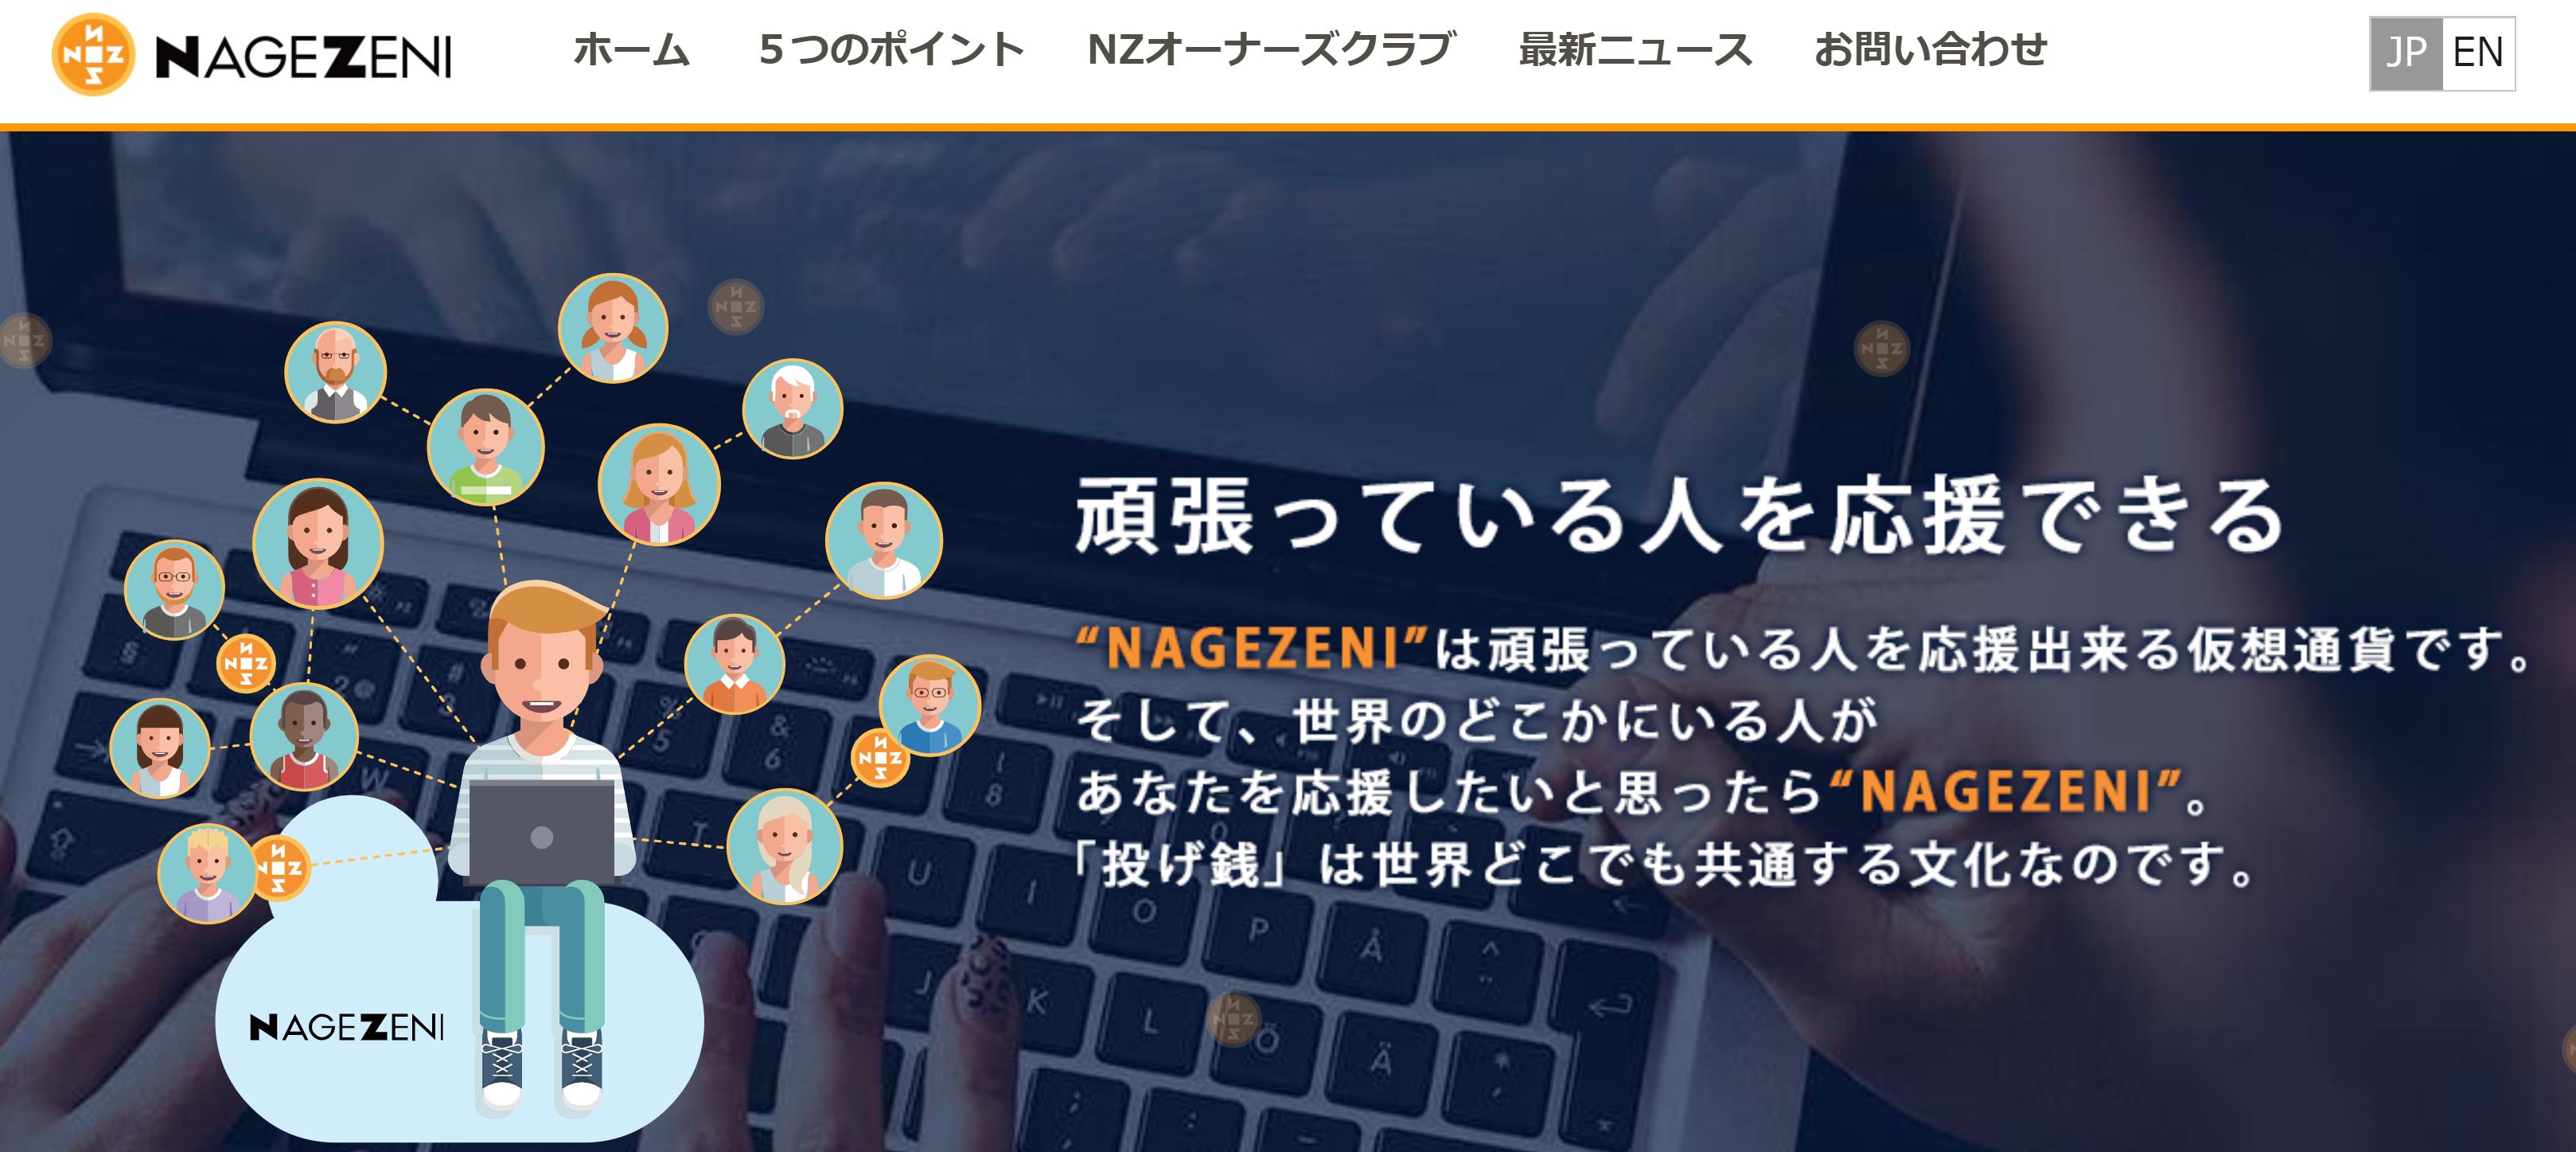 松宮義仁 NZEコイン「NAGEZENI」2